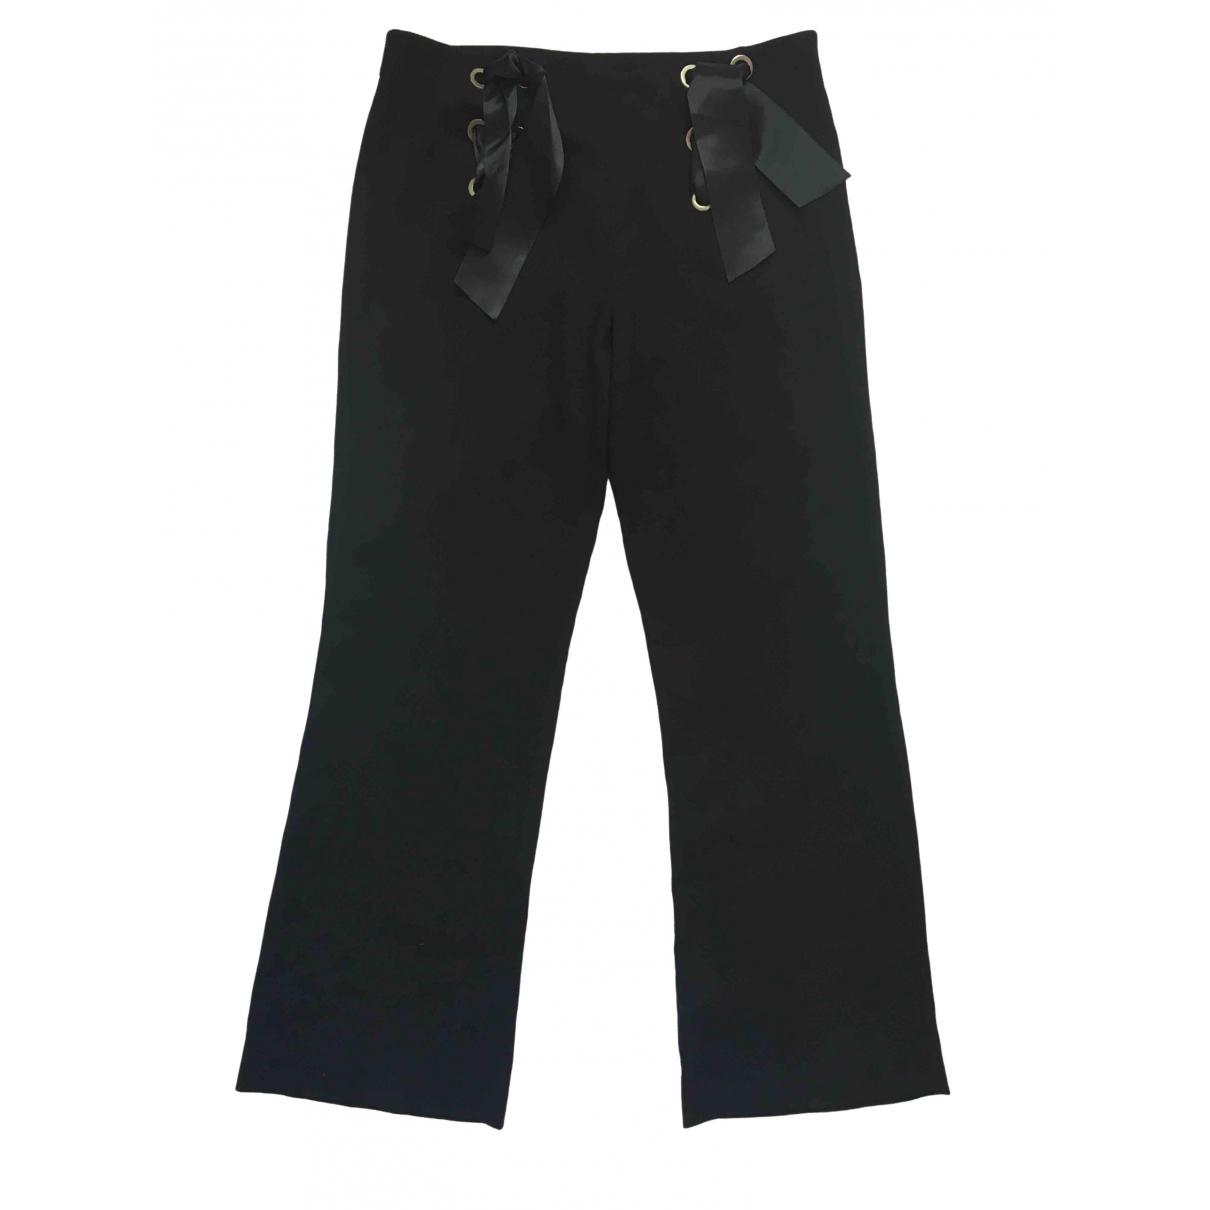 Pantalon de traje de Lana Valentino Garavani